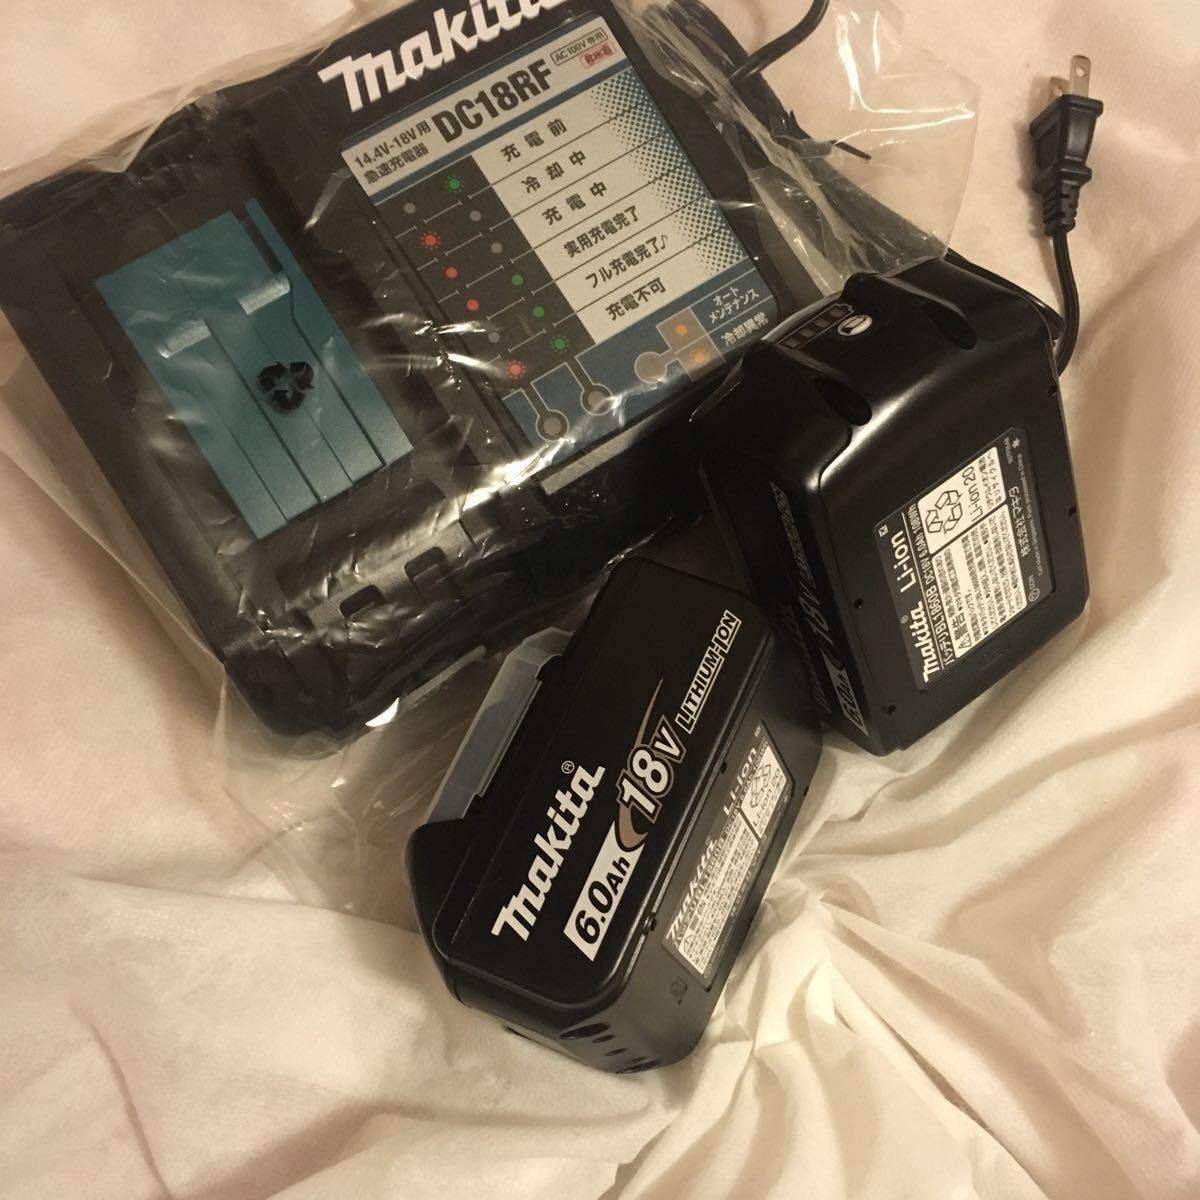 マキタ 18v 最新インパクトドライバーセットばらし品 充電器DC18RF 雪マーク*付きバッテリー1860B2個 ハンマードリル 丸ノコ用③